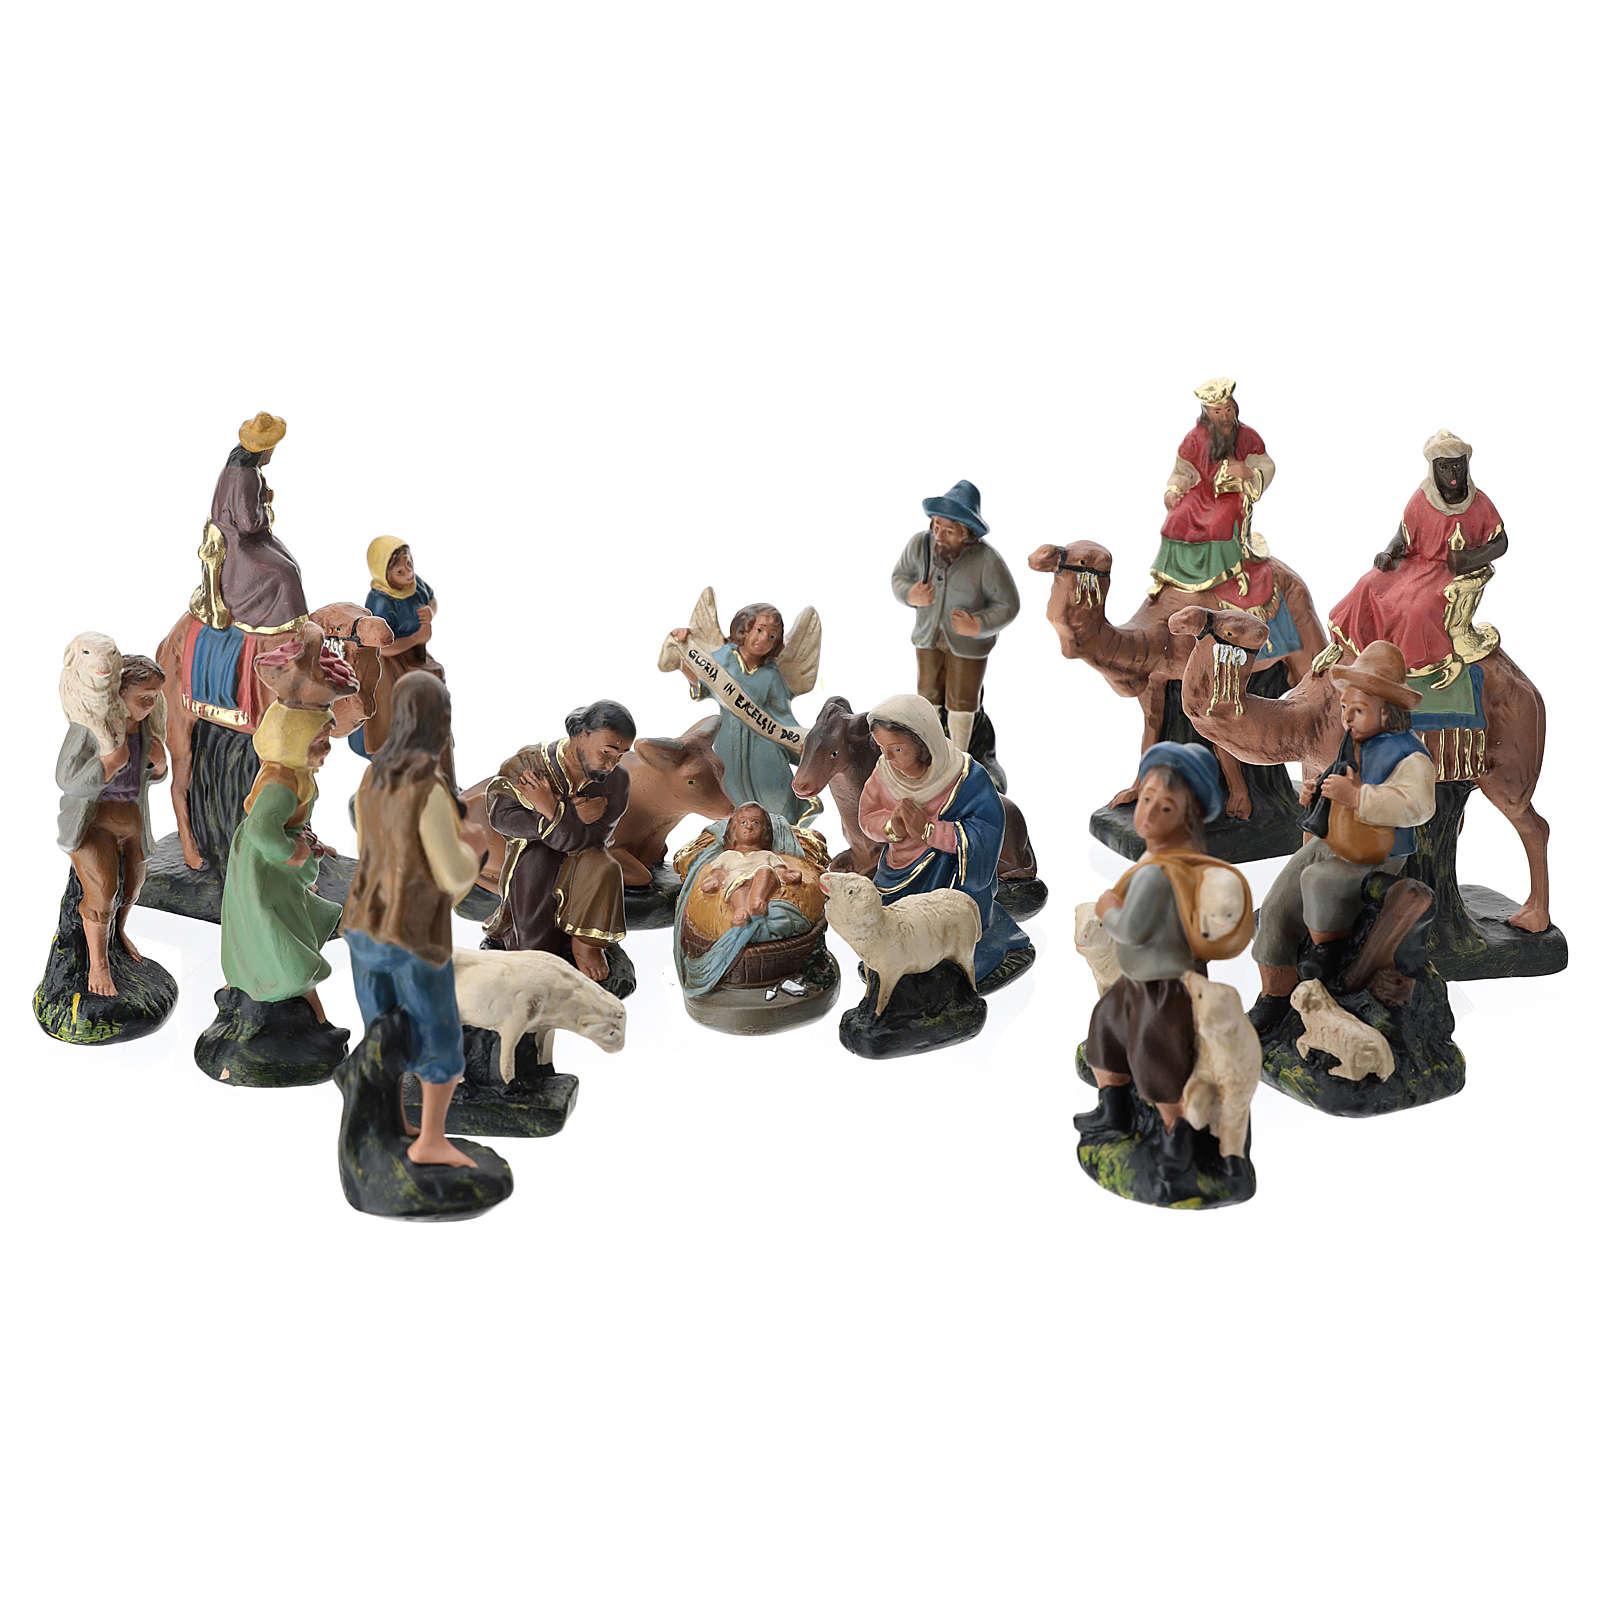 Presepe Arte Barsanti completo 19 personaggi in gesso colorato 10 cm 4